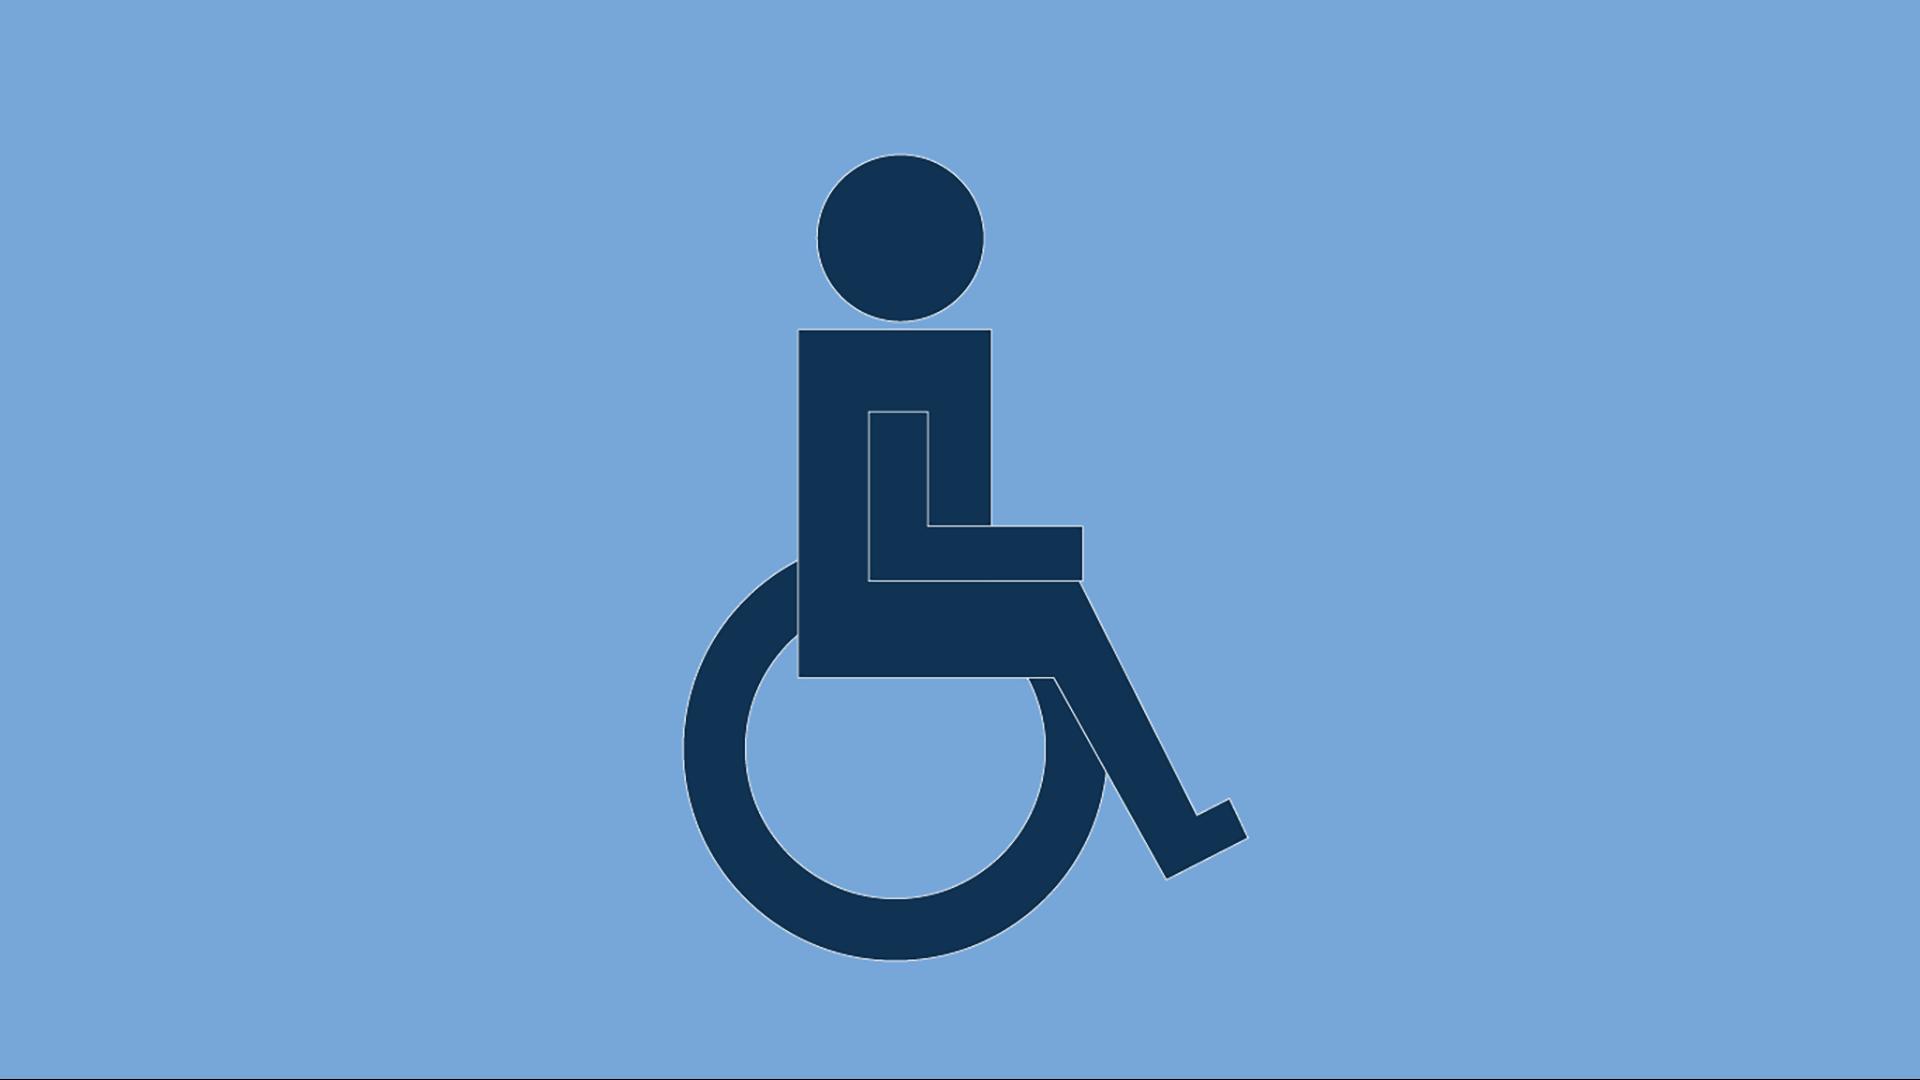 장애를 가진 개인을 위해